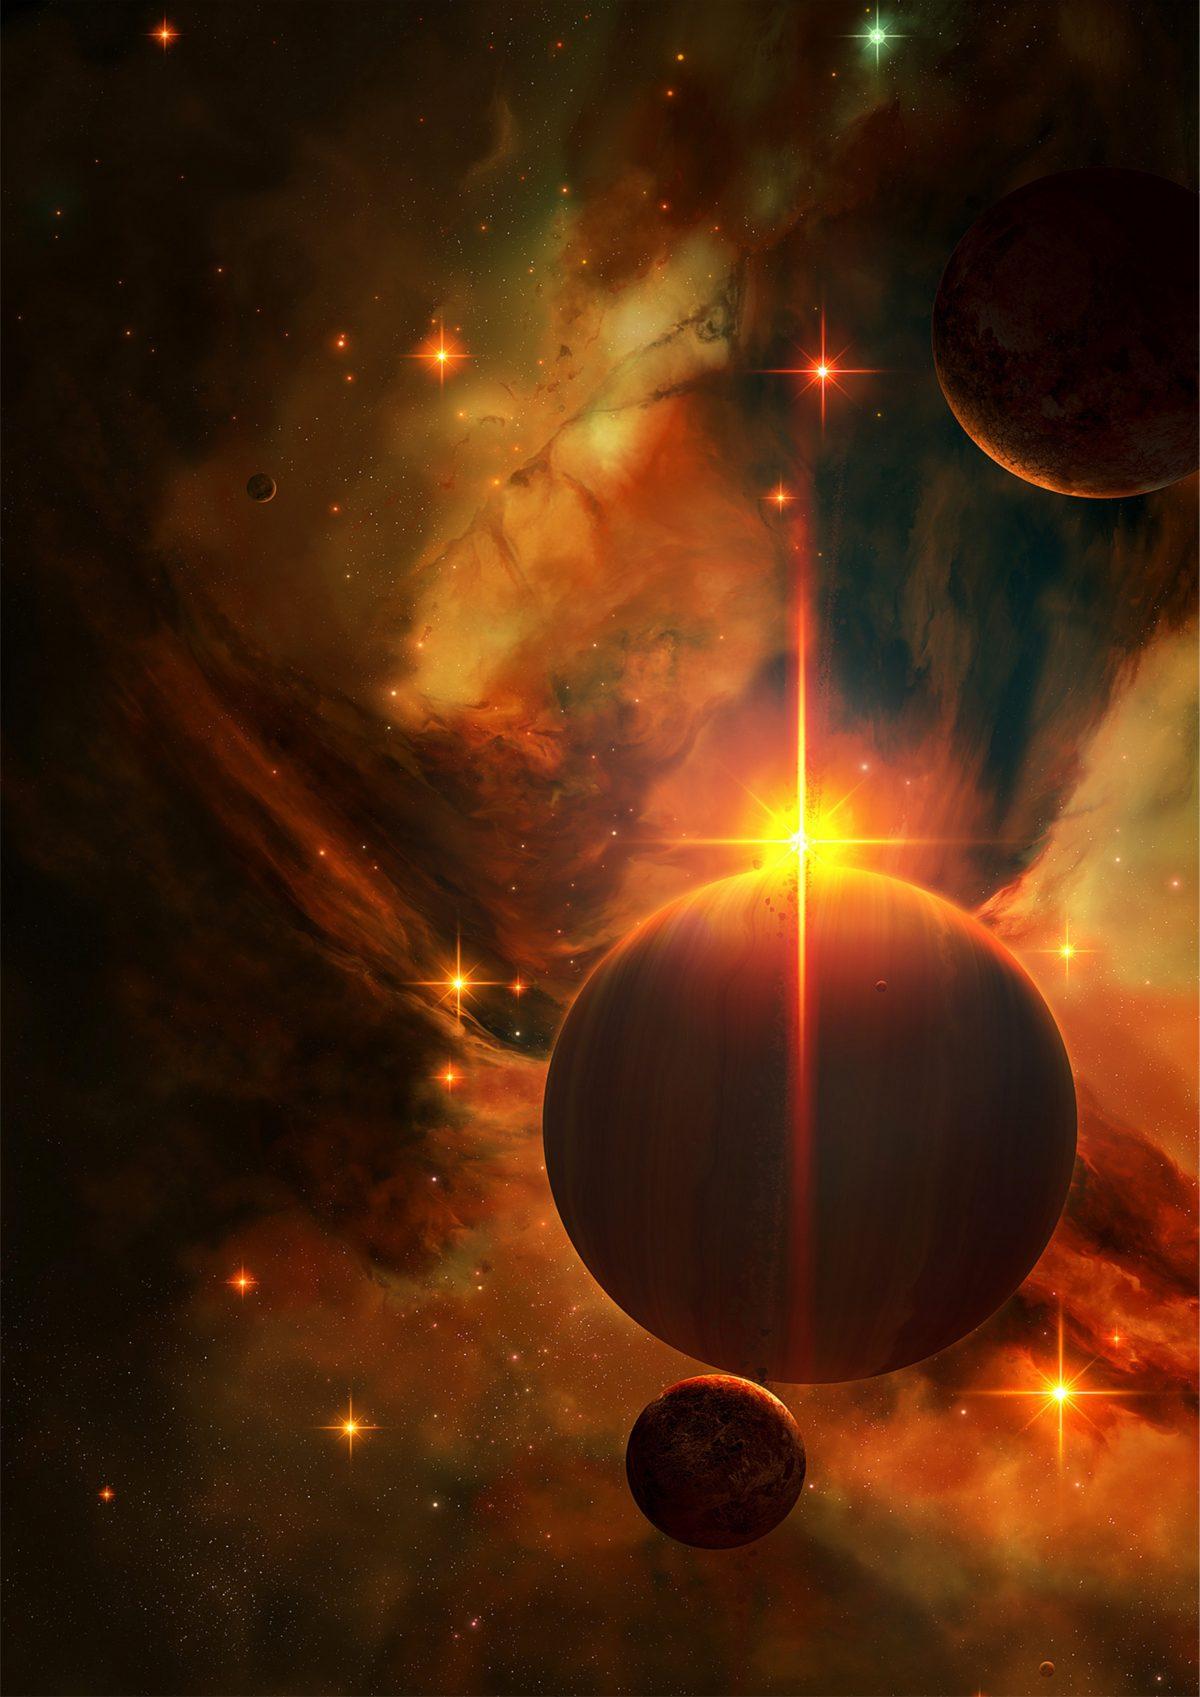 Картинка планеты - красный космос распечатать